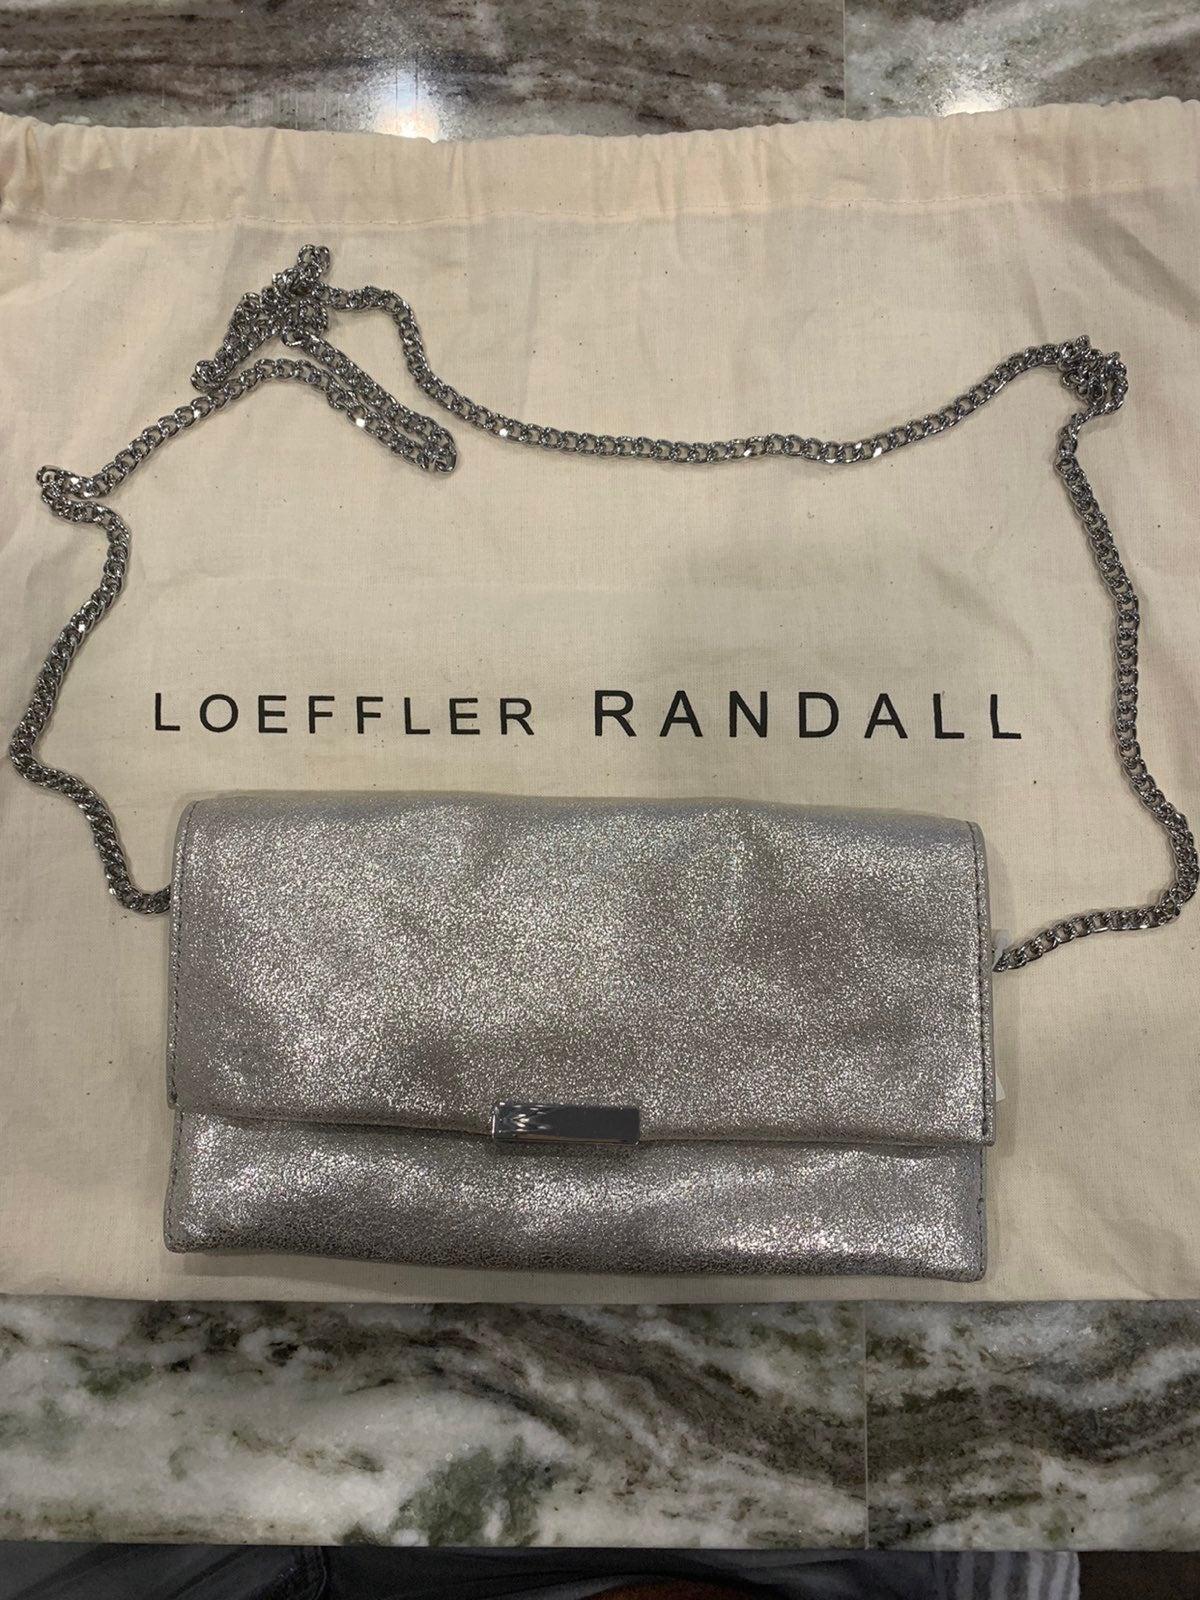 Loeffler Randall handbag - New